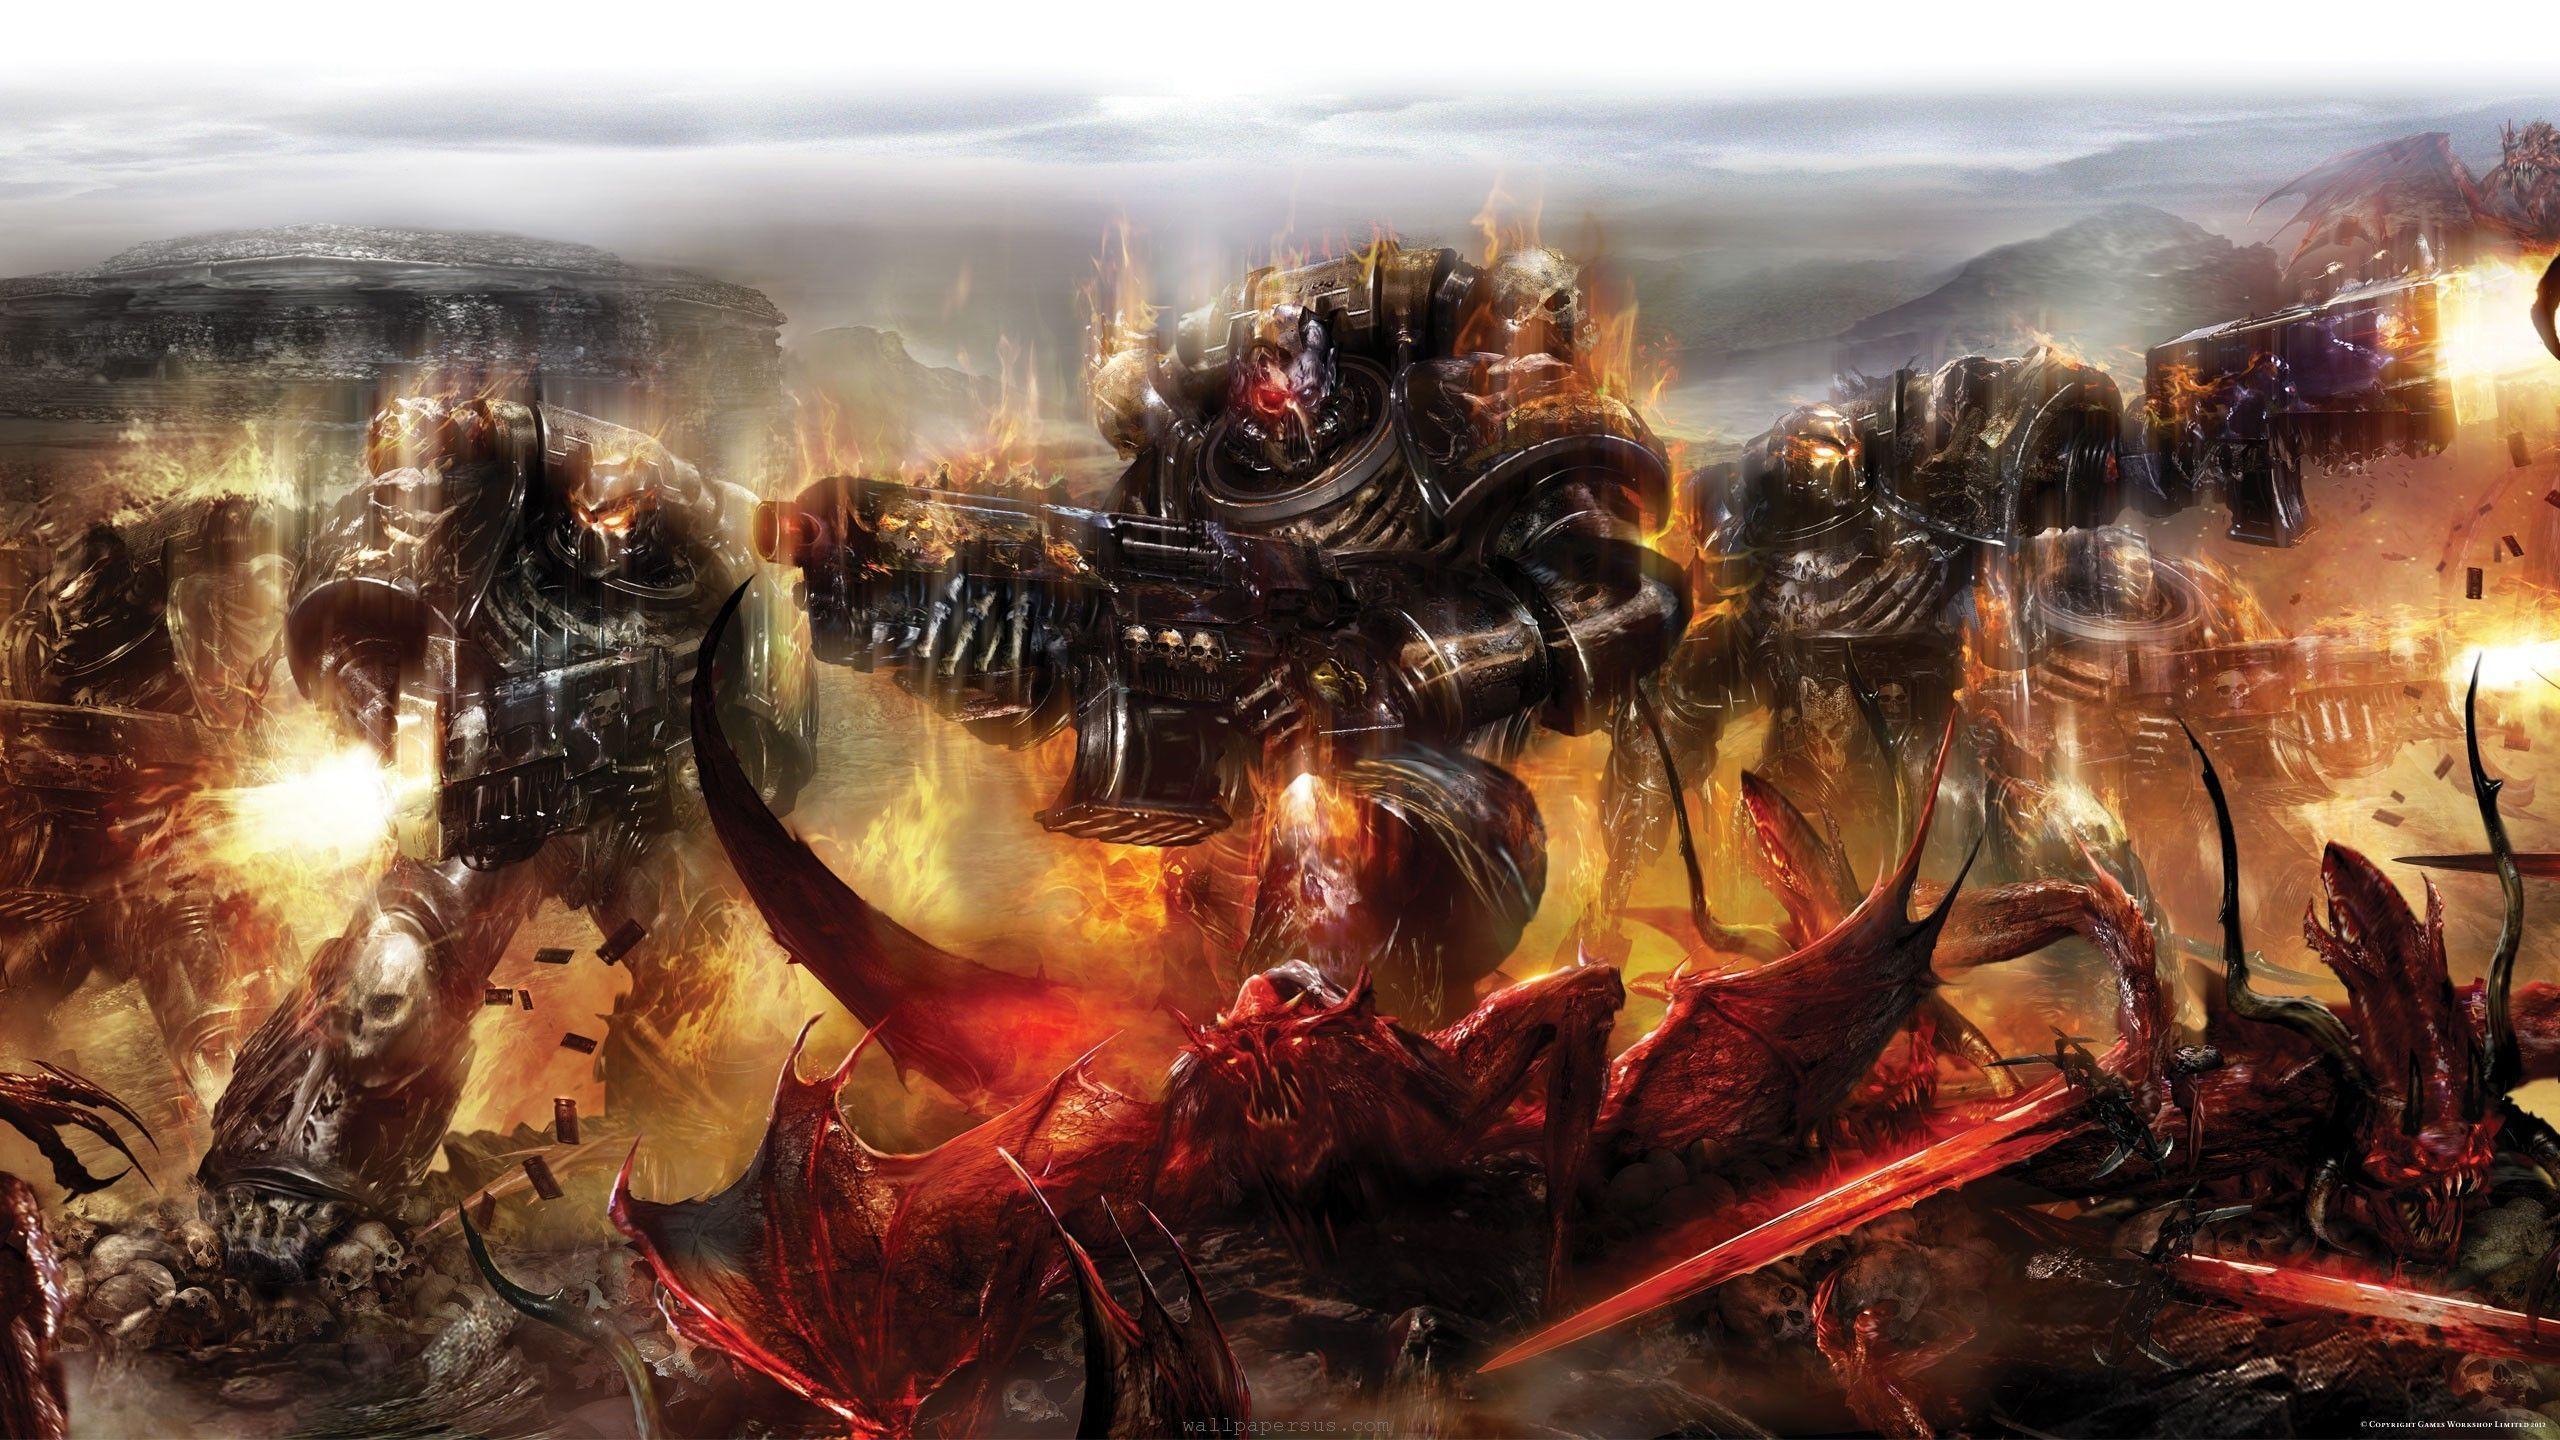 warhammer 40k hd wallpaper  Warhammer 40k Wallpapers - Wallpaper Cave